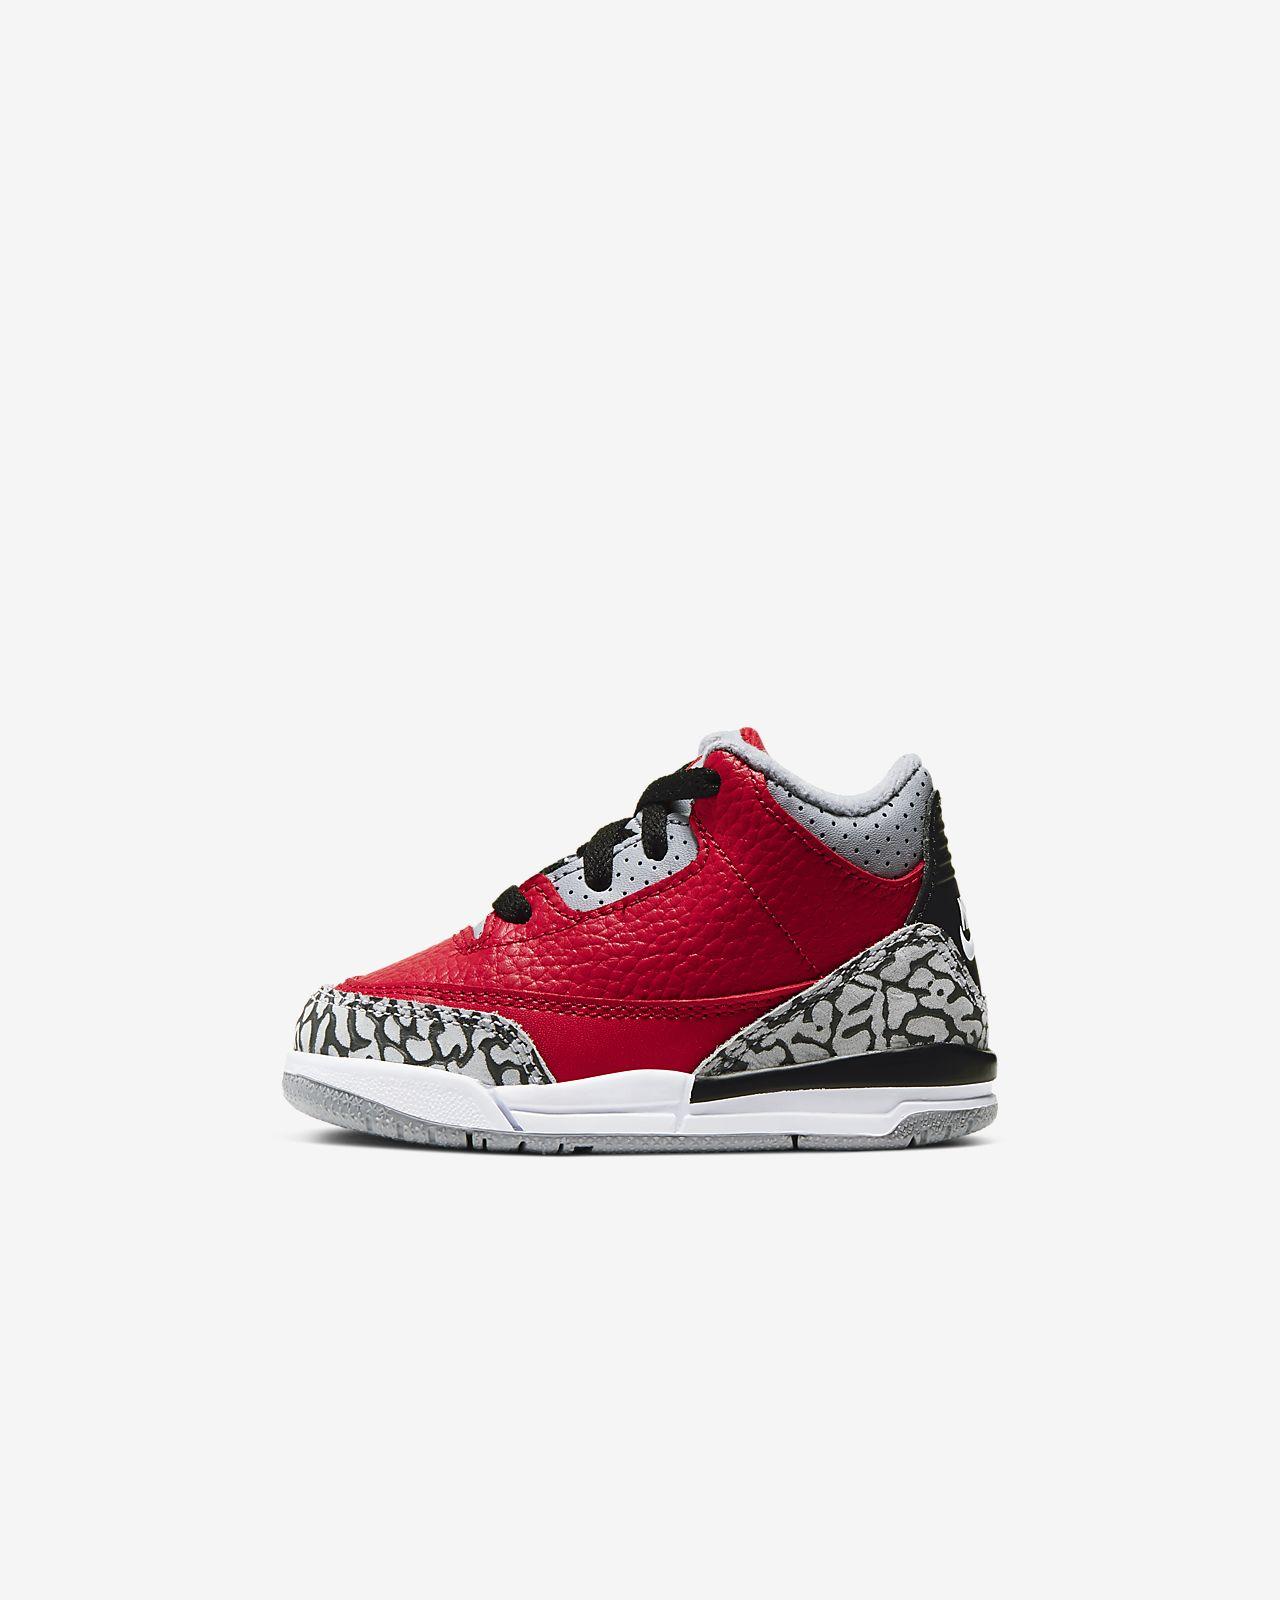 Jordan 3 Retro SE Baby/Toddler Shoe